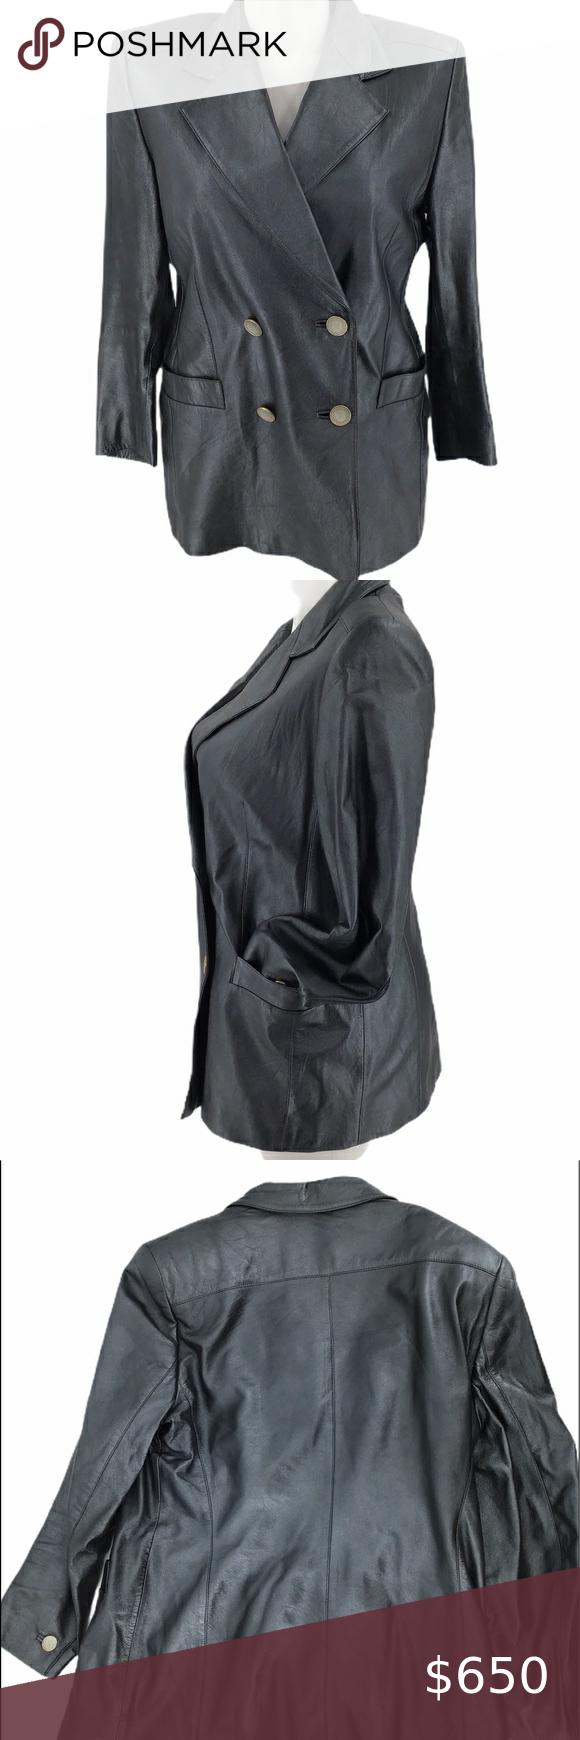 Escada Napa Leather Jacket Coat Logo Buttons Escada Leather Coat Jacket Blazer Tag Size 42 Escada Conversion In 2020 Leather Jacket Leather Coat Jacket Escada Jacket [ 1740 x 580 Pixel ]